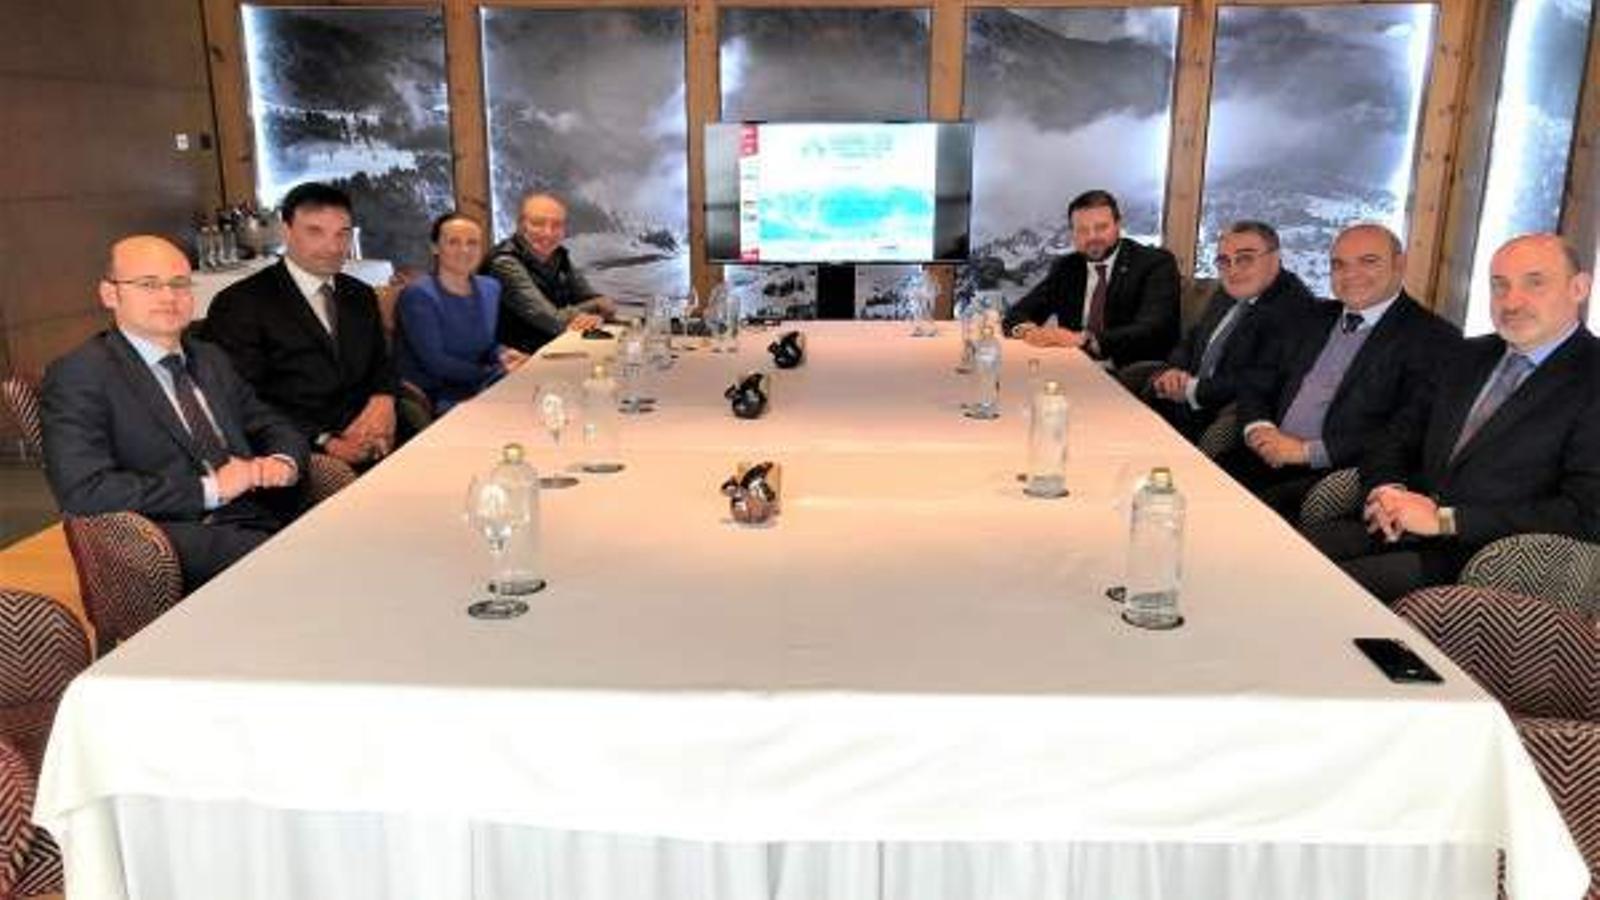 La reunió entre els governs d'Andorra i de Catalunya / SFG